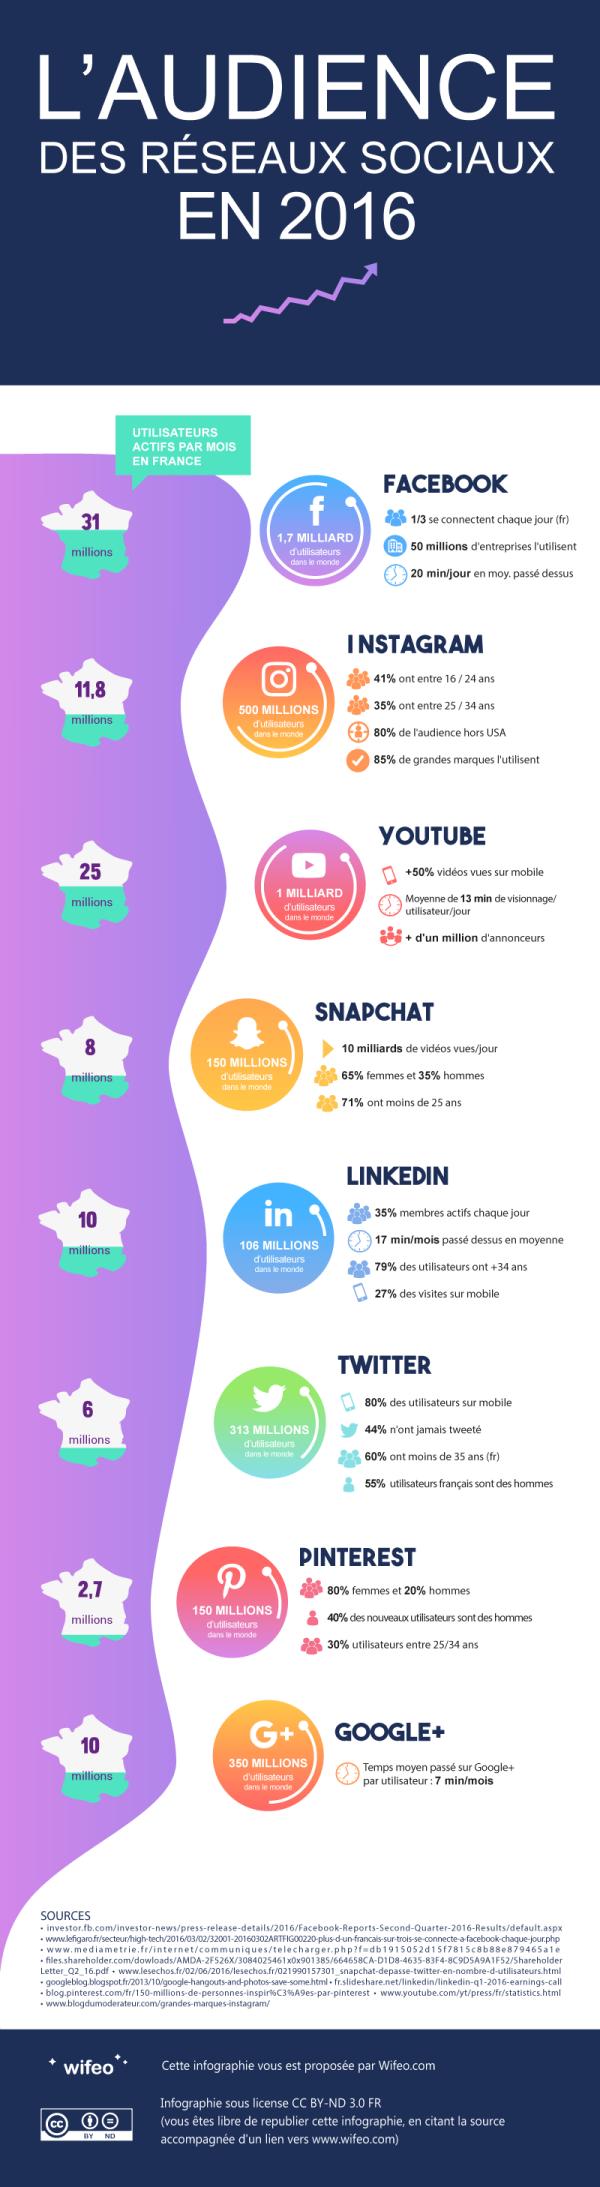 chiffres-reseaux-sociaux-2016-conseil-tpe-pme-digital-morlaix-monsieur-commerce